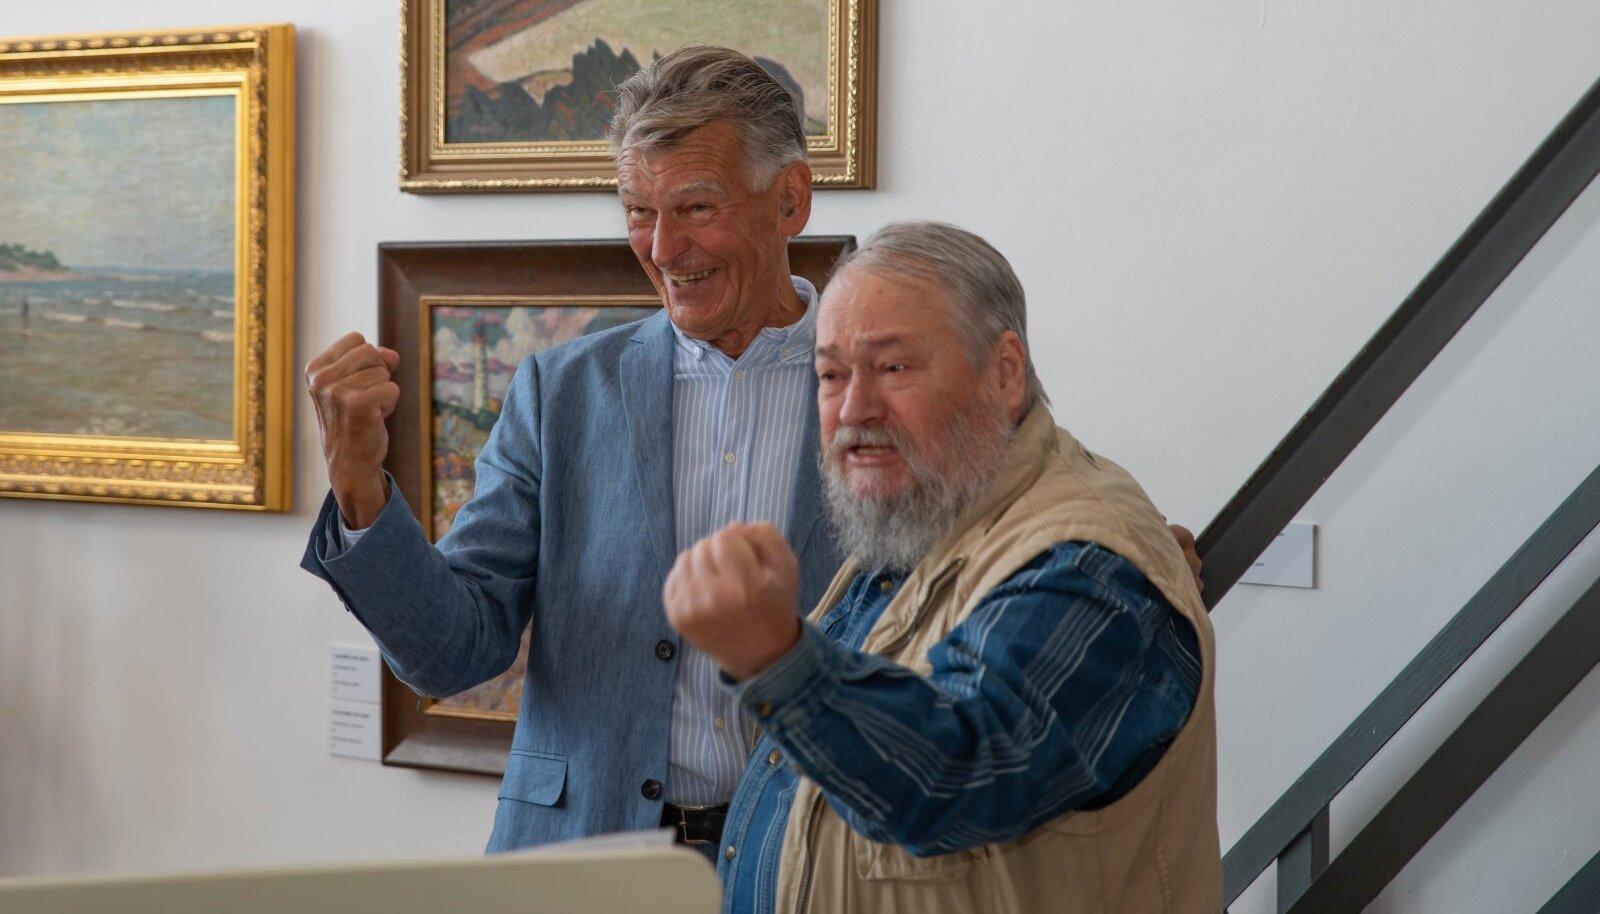 Viinistu kunstimuuseumis avati uuenenud püsinäitus